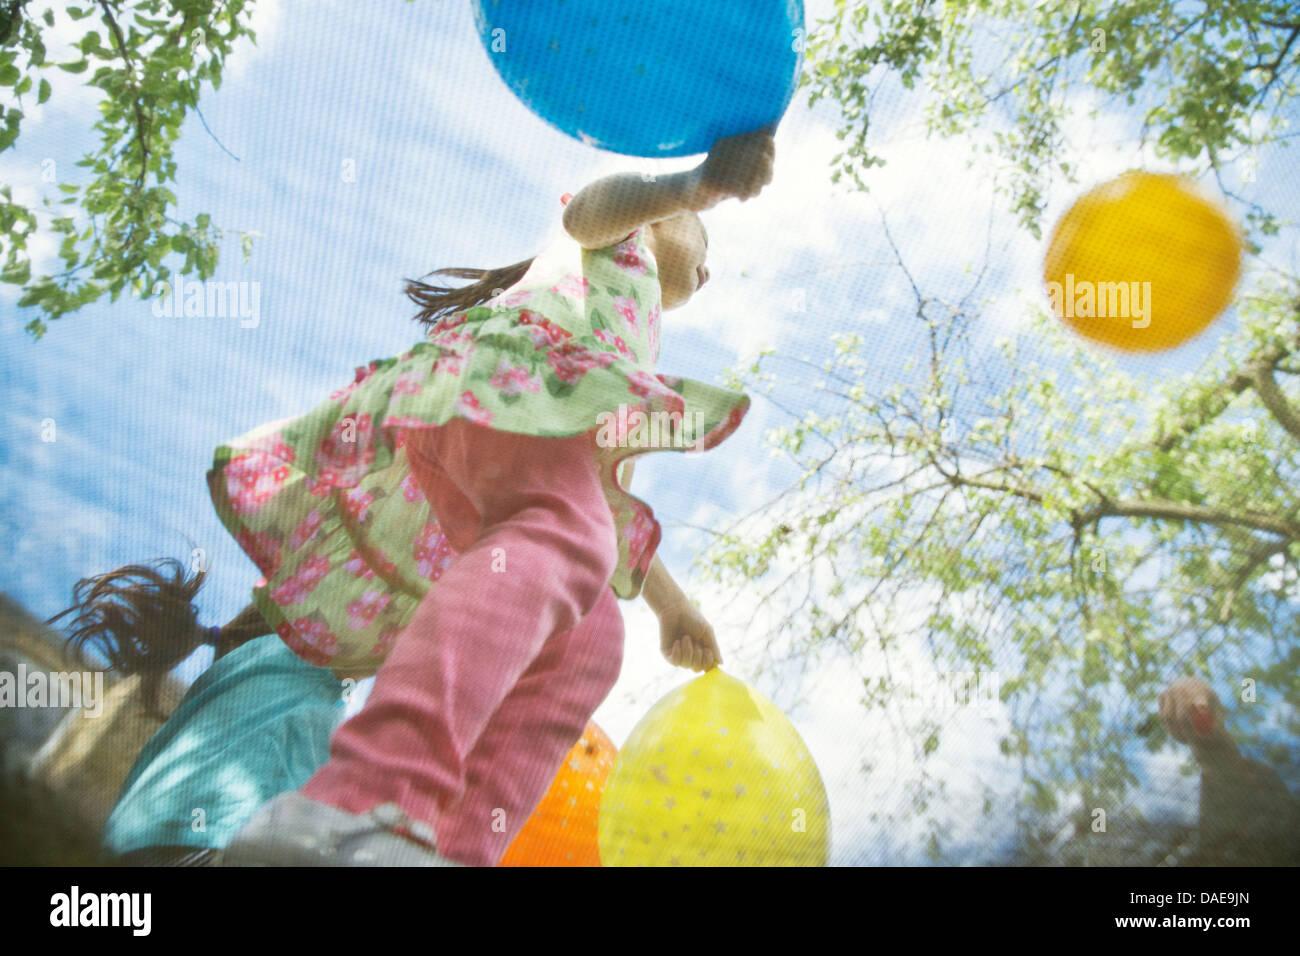 Junge Mädchen Prellen auf Gartentrampolin mit Luftballons Stockbild